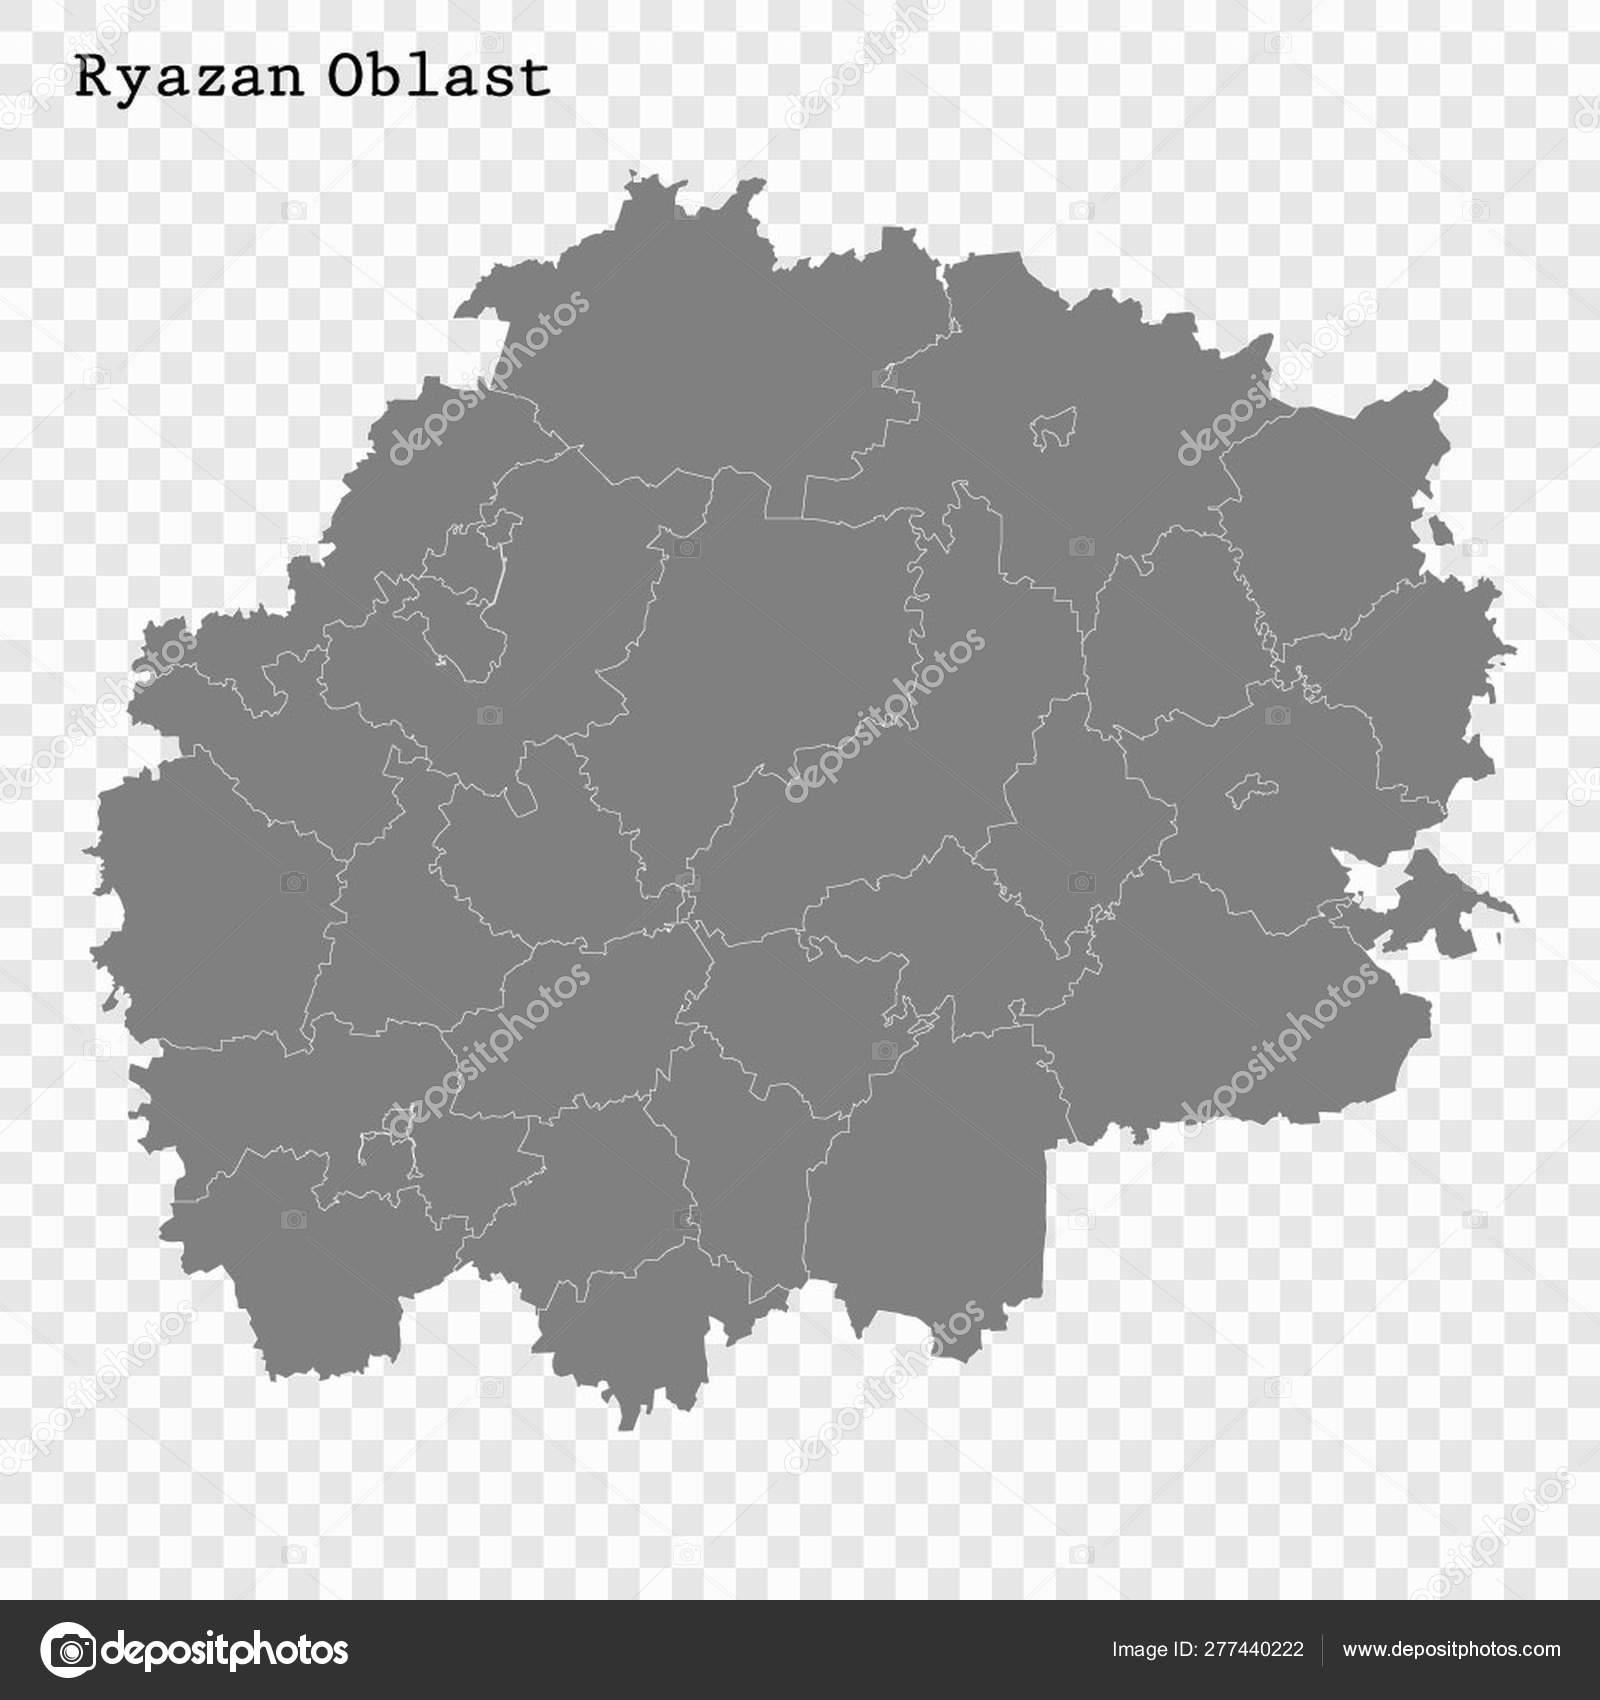 Рязанская область карта картинка